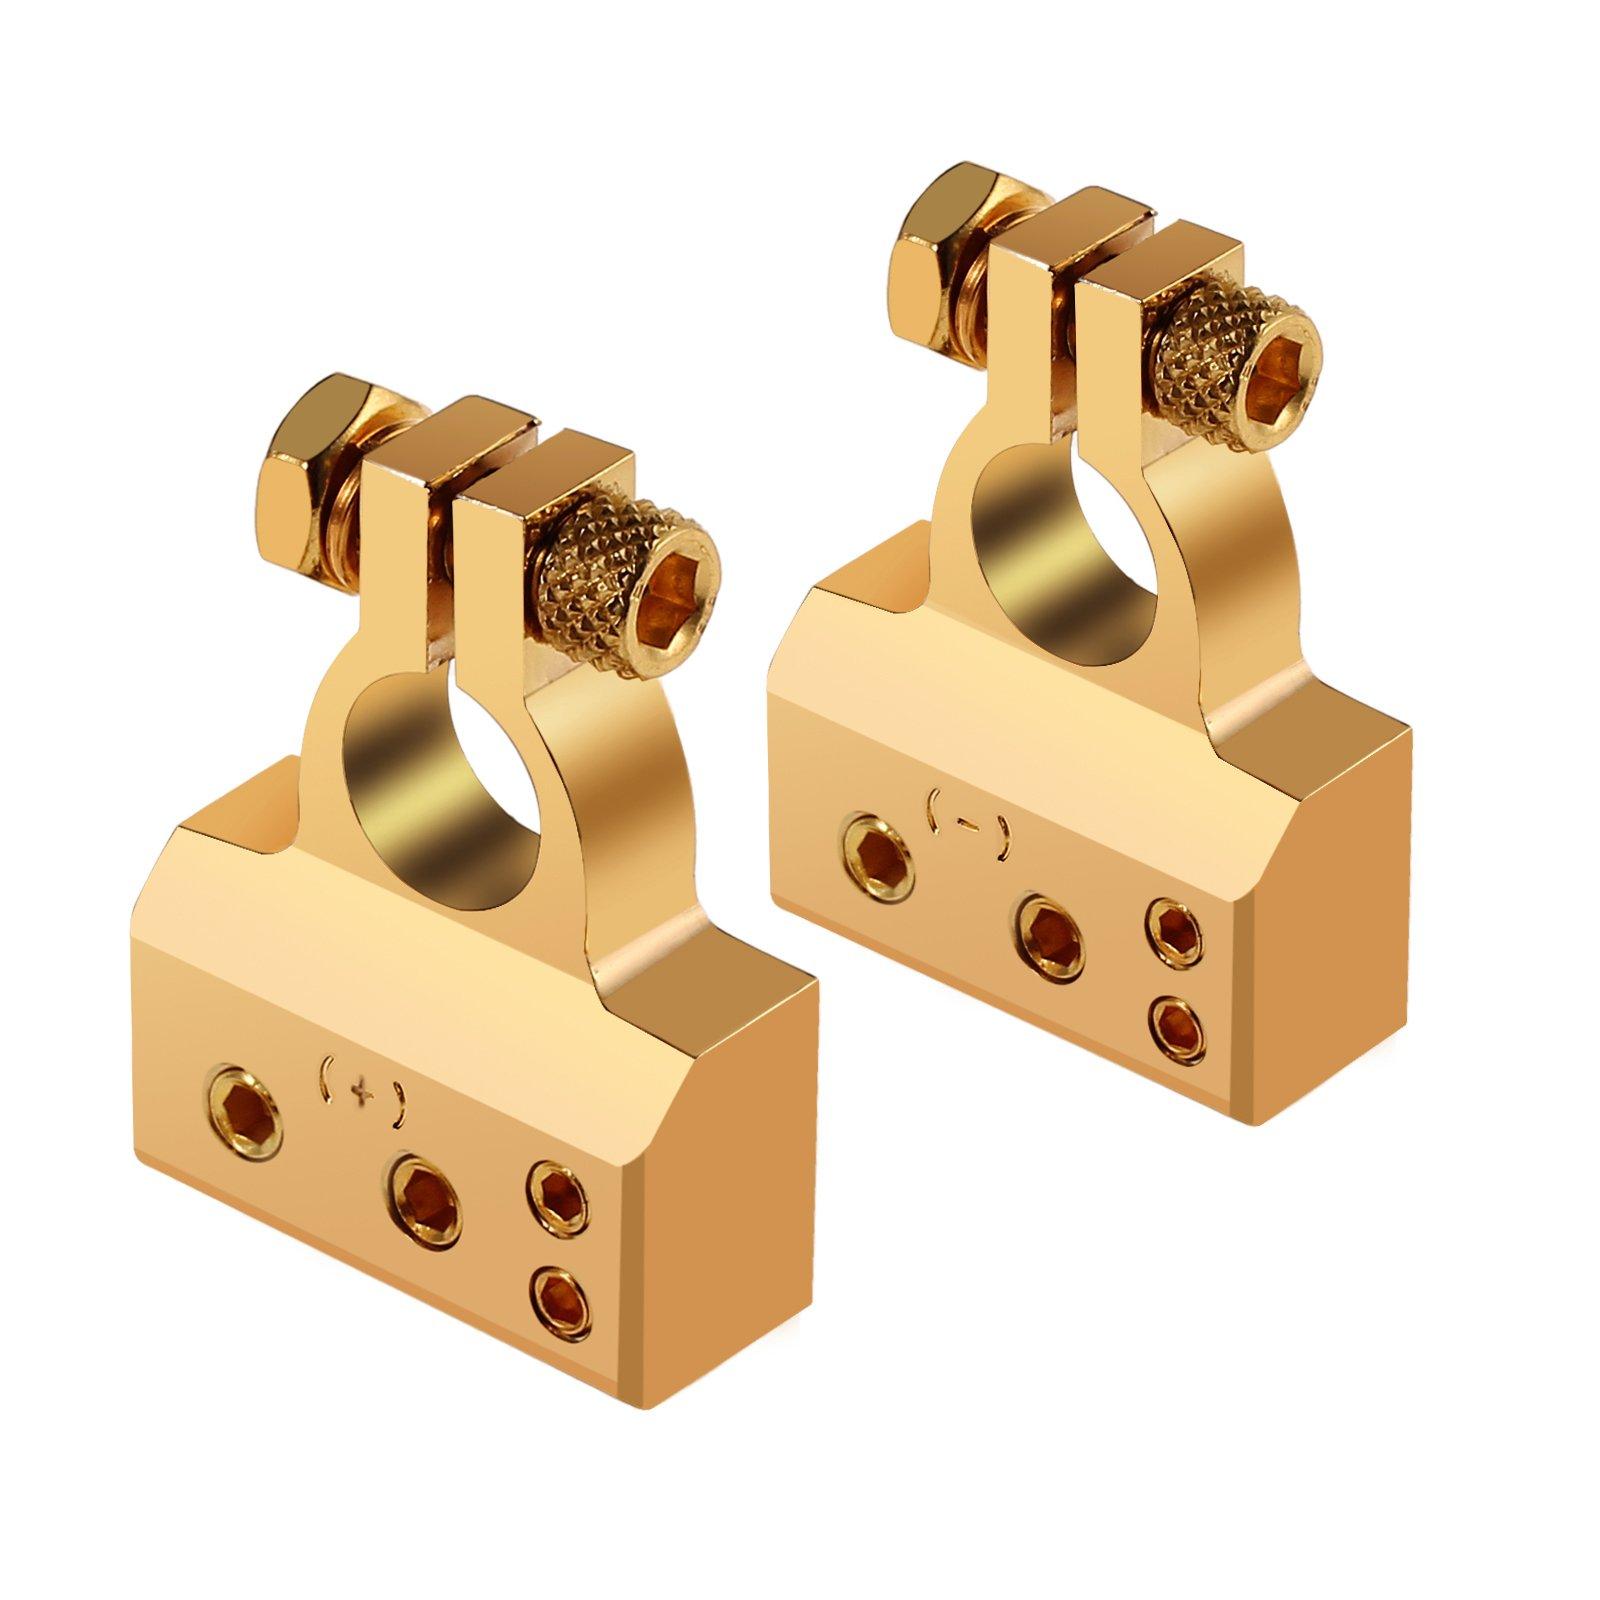 AUTOUTLET 2PCS Car Battery Terminal Connectors Kit 4/8 Gauge AWG Positive & Negative Chrome Battery Terminals Gold